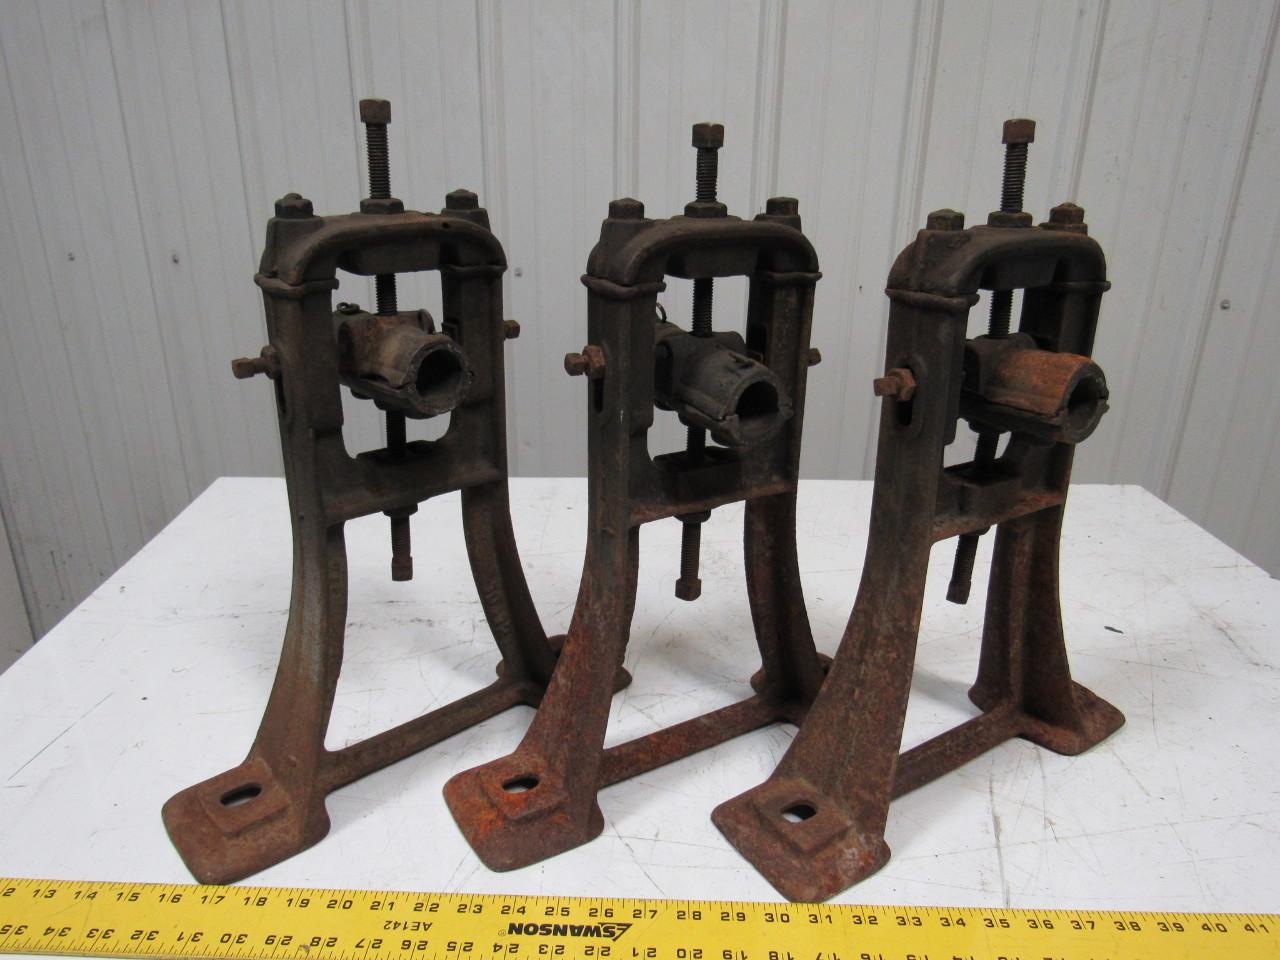 Vintage Steampunk Industrial Machine Cast Iron Line Shaft